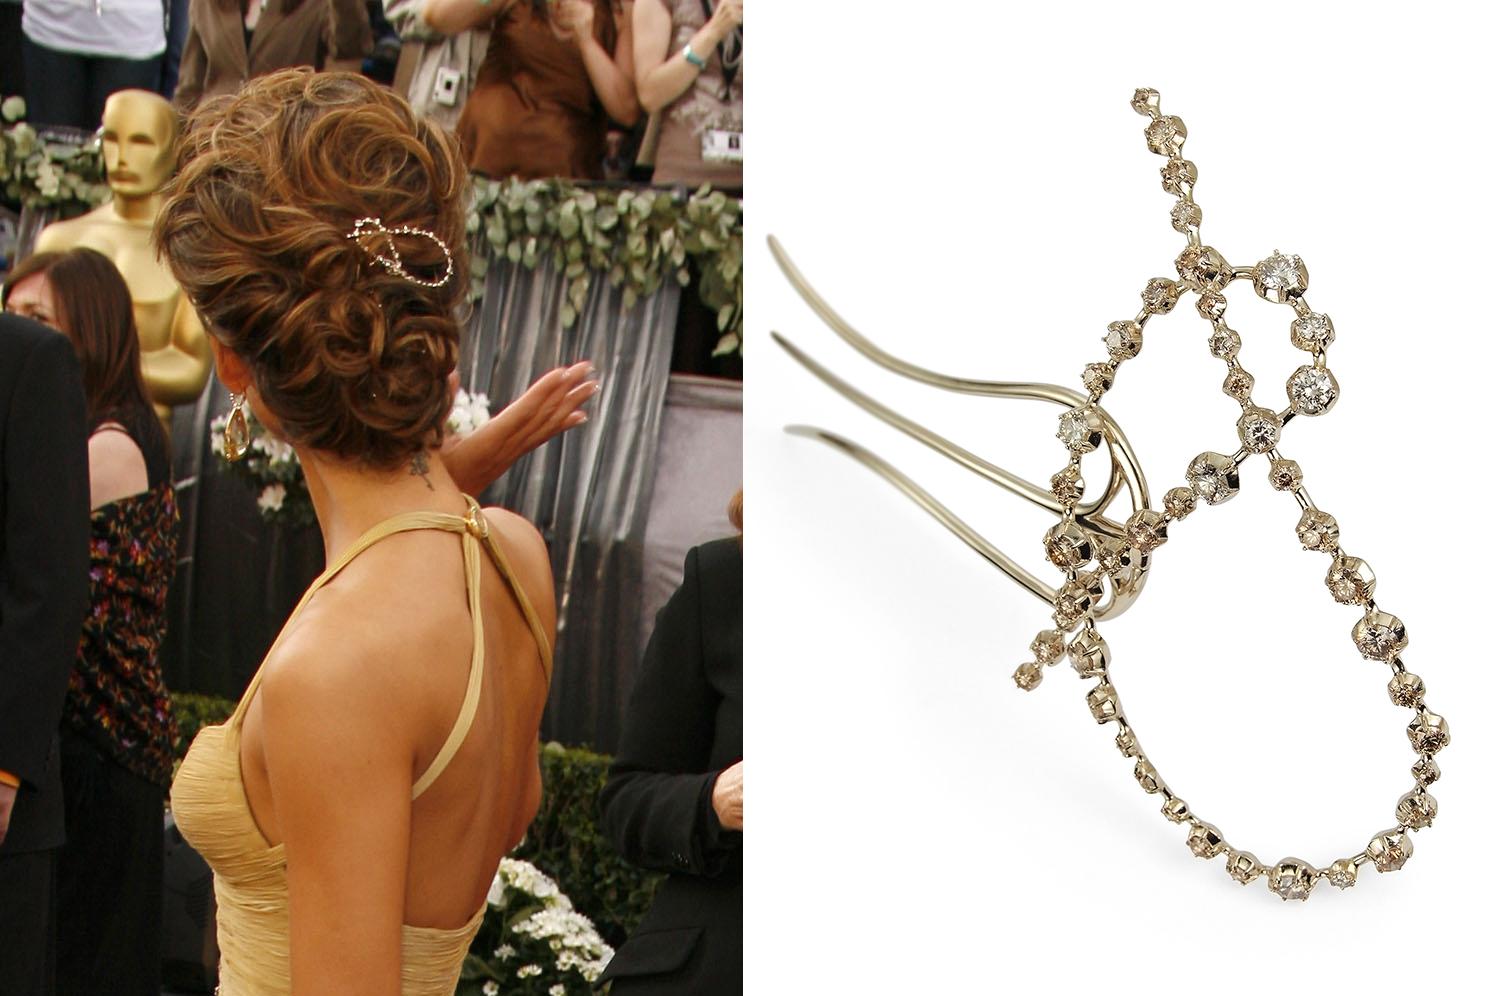 Jessica Alba chegando no 78th Academy Awards com pente Zephyr